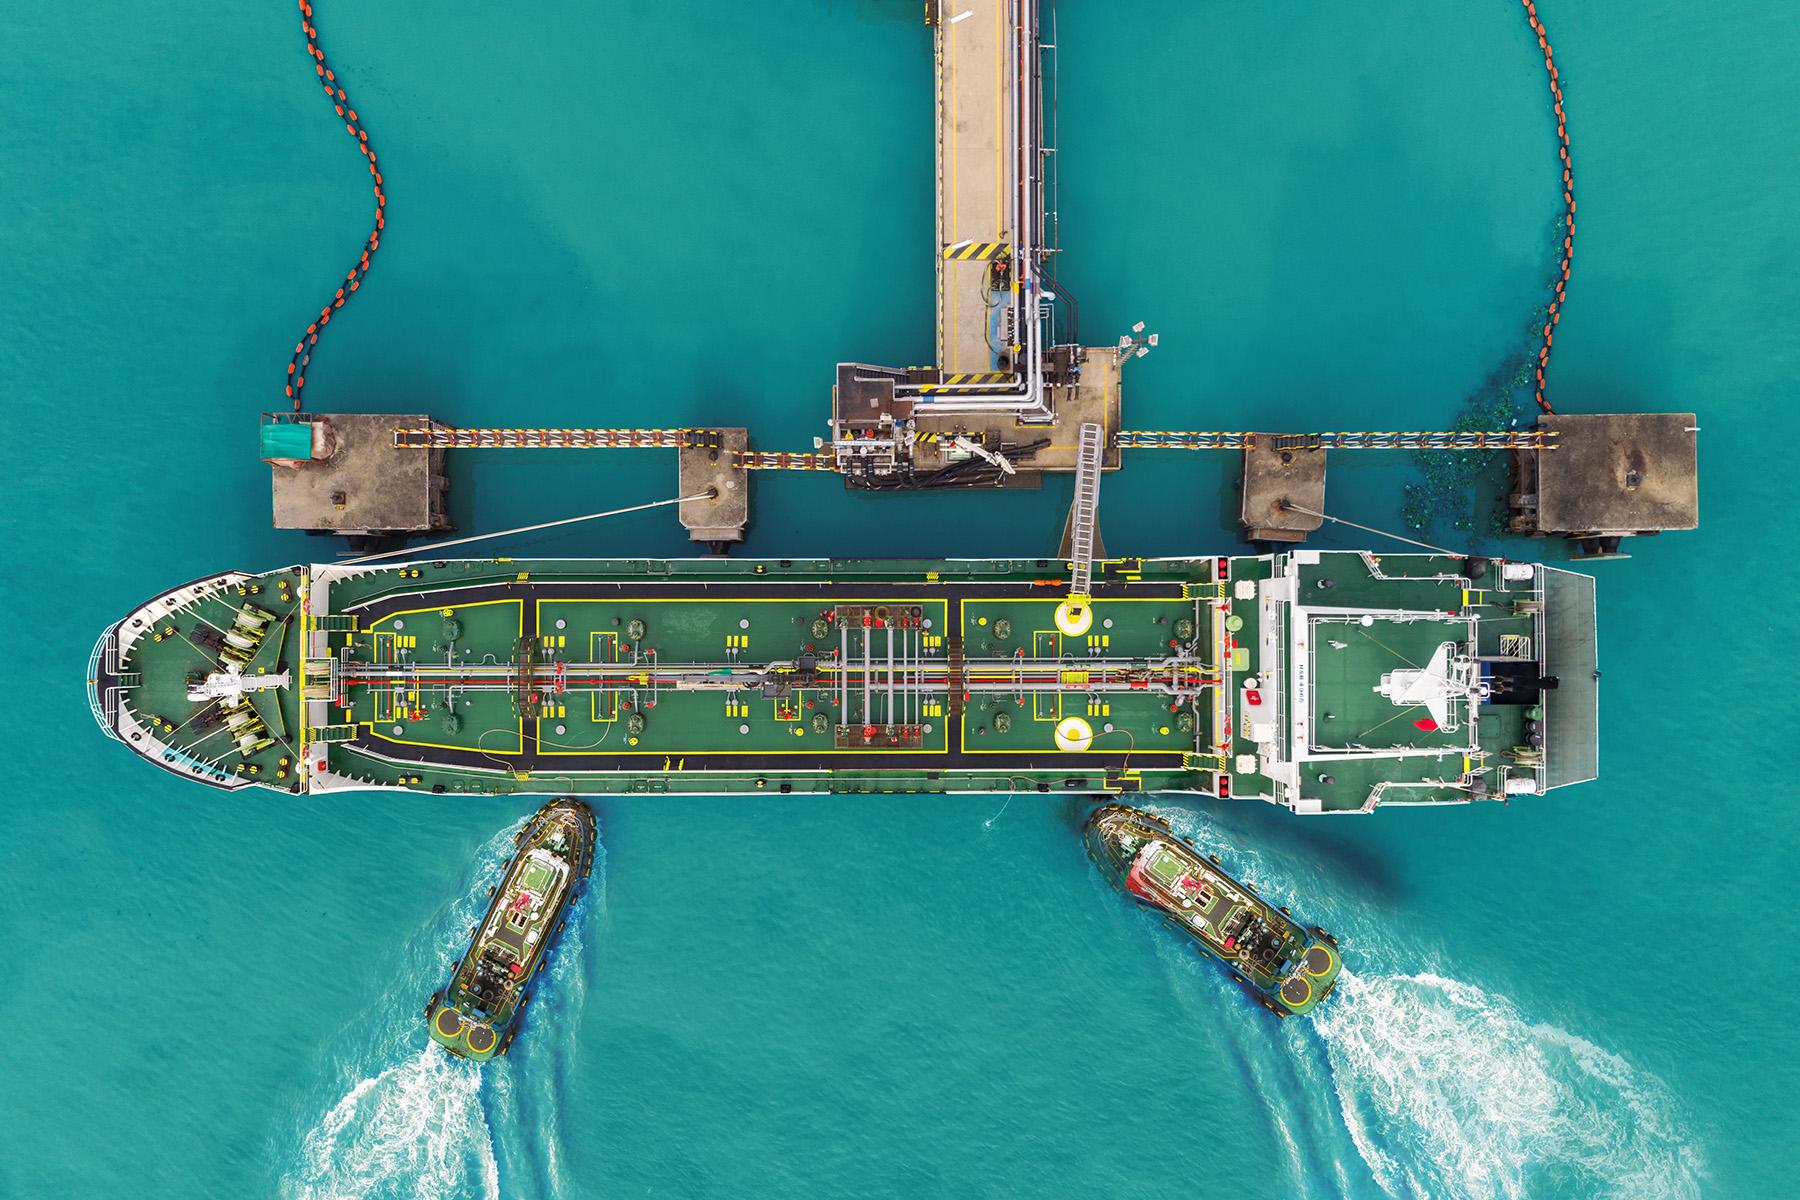 Oil tanker in the UAE